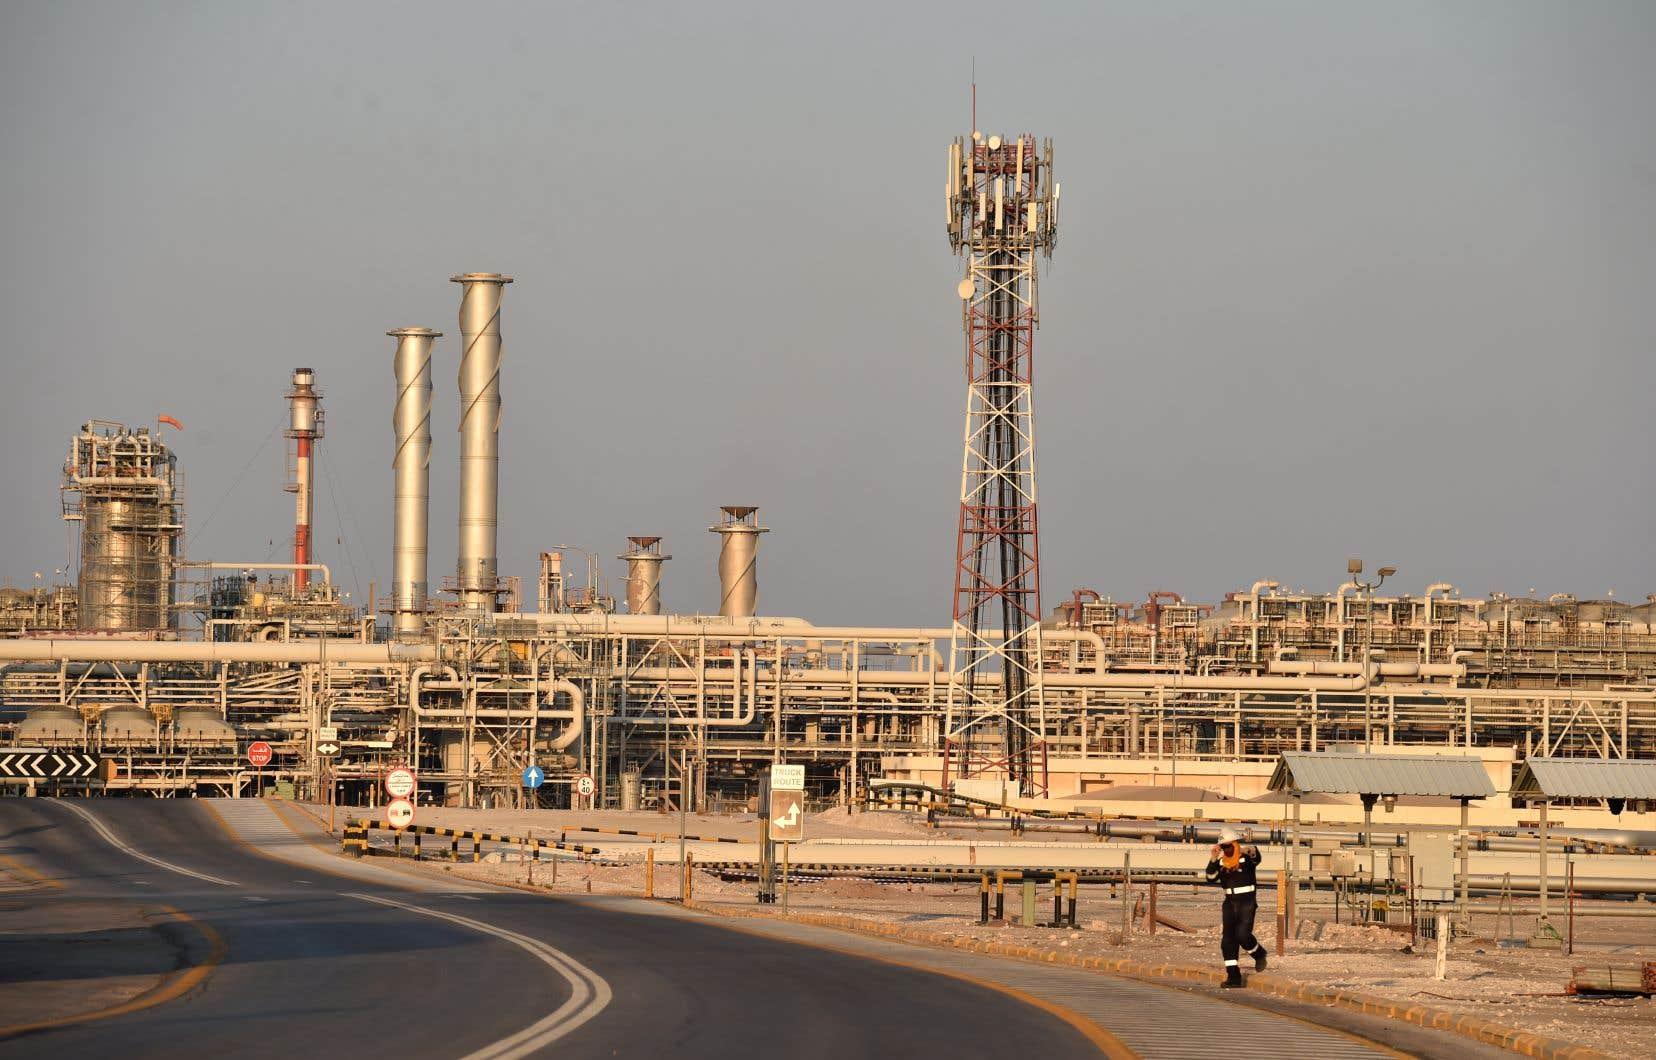 Aramco possède la quasi-intégralité des ressources en hydrocarbures d'Arabie saoudite et est la première compagnie pétrolière mondiale.